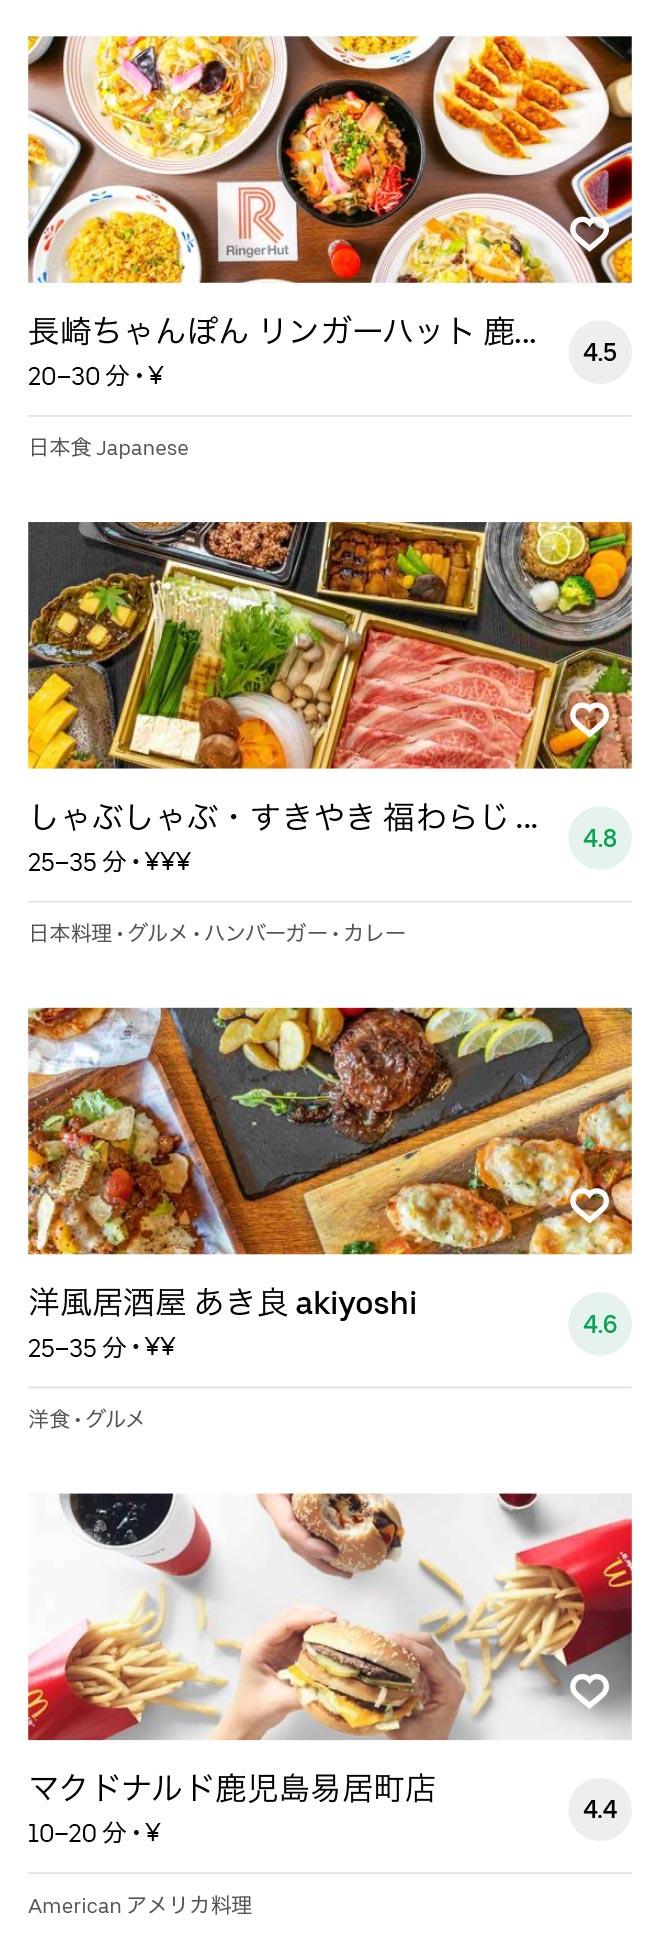 Tenmonkan menu 2009 5